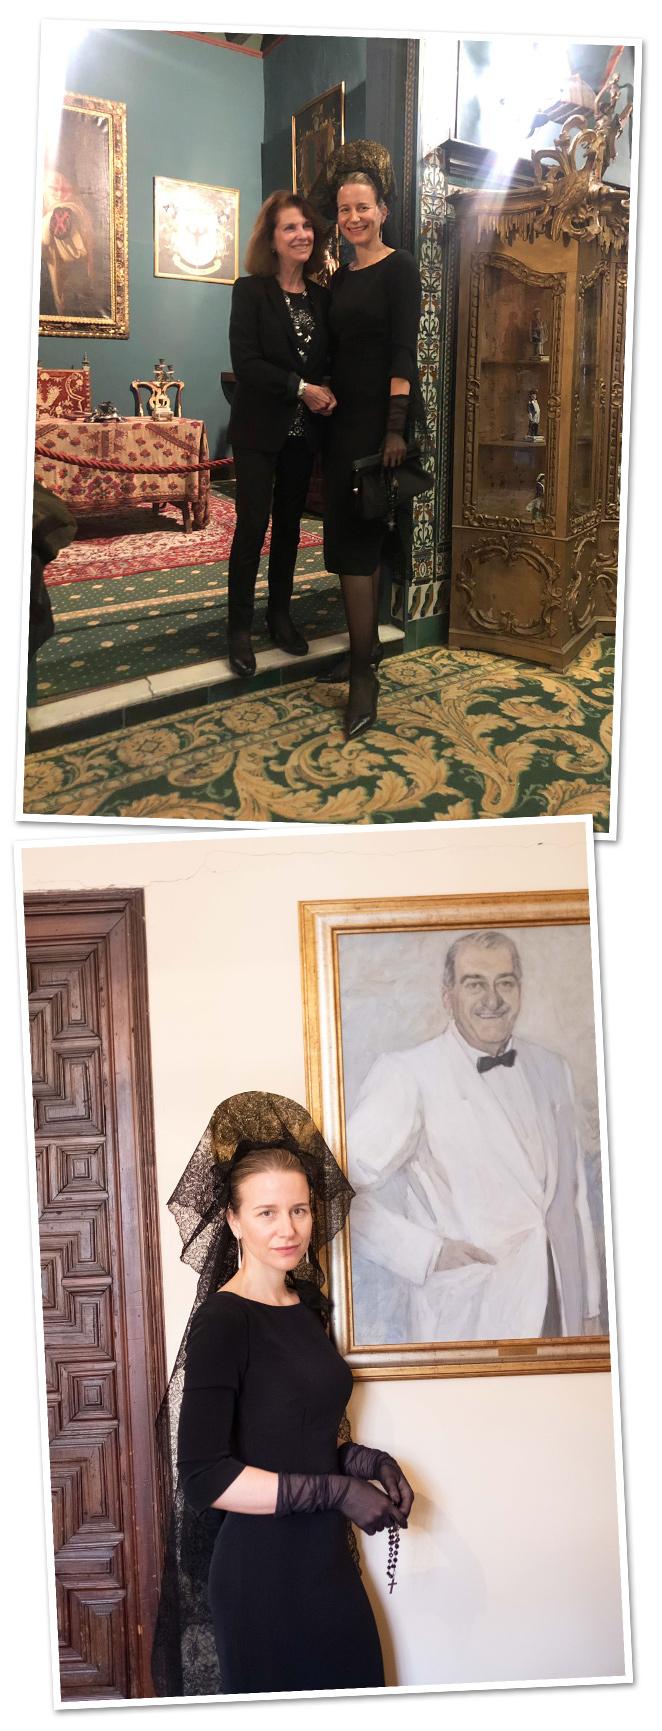 Y, por último, a mi Tía Isabel de León, Presidenta de la Real Academia de Bellas Artes de Sevilla y que trabaja incansablemente para conservar y restaurar cada detalle de nuestra casa familiar, el Palacio de Lebrija, donde viví este gran momento y otros muchos de mi vida cuando mi abuelo, el Conde de Lebrija, vivía.